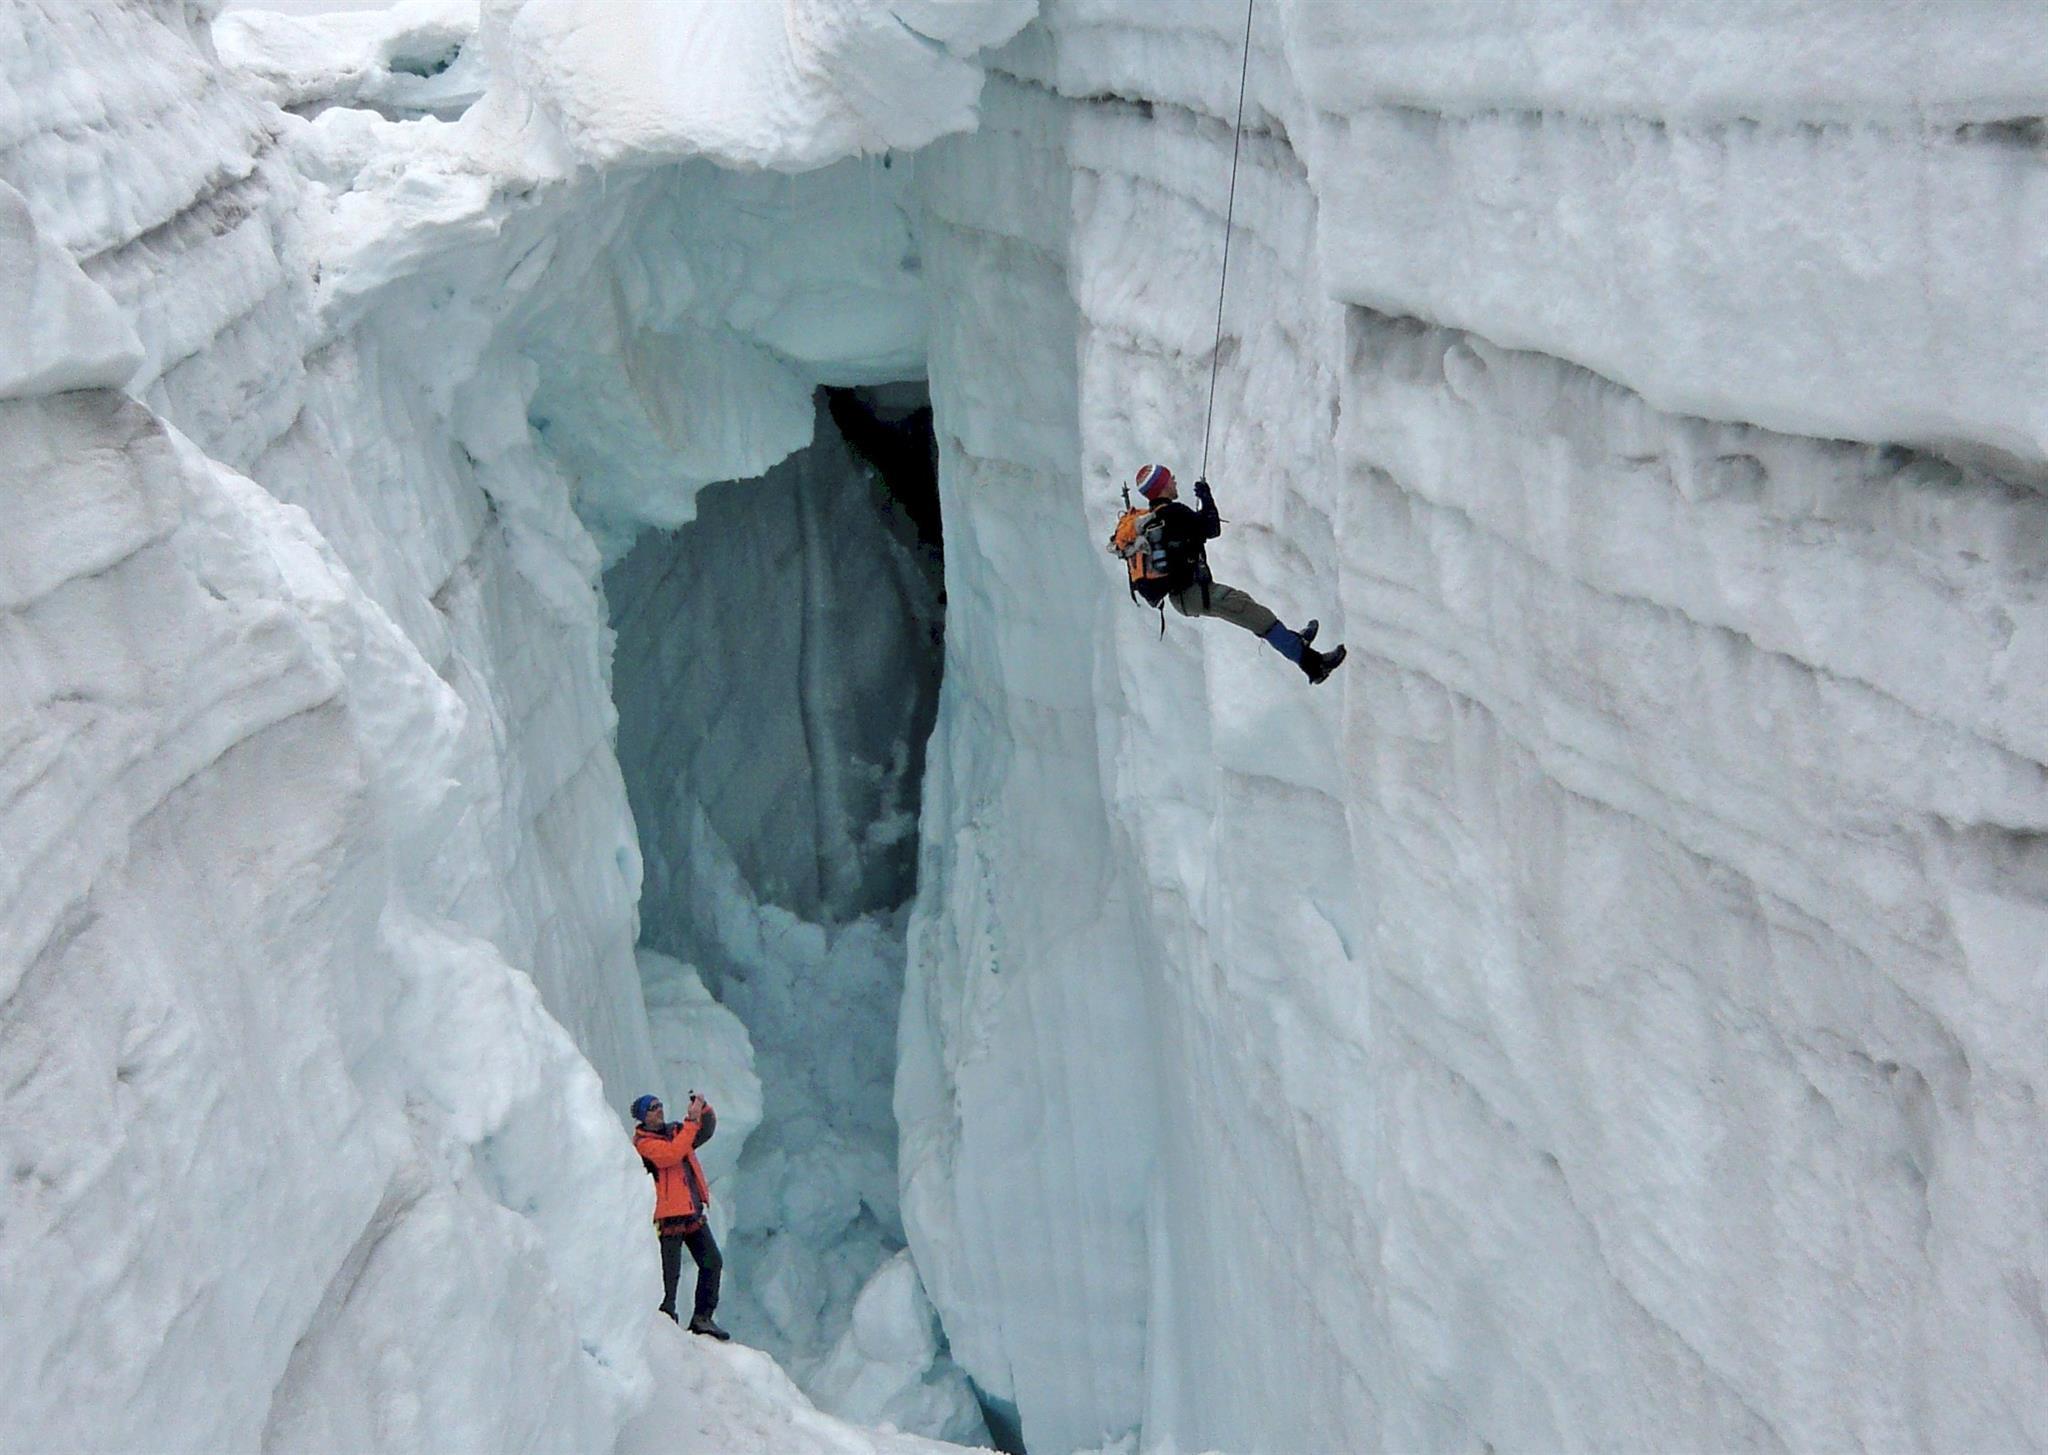 Gletscherreise-Kals-2020.jpg